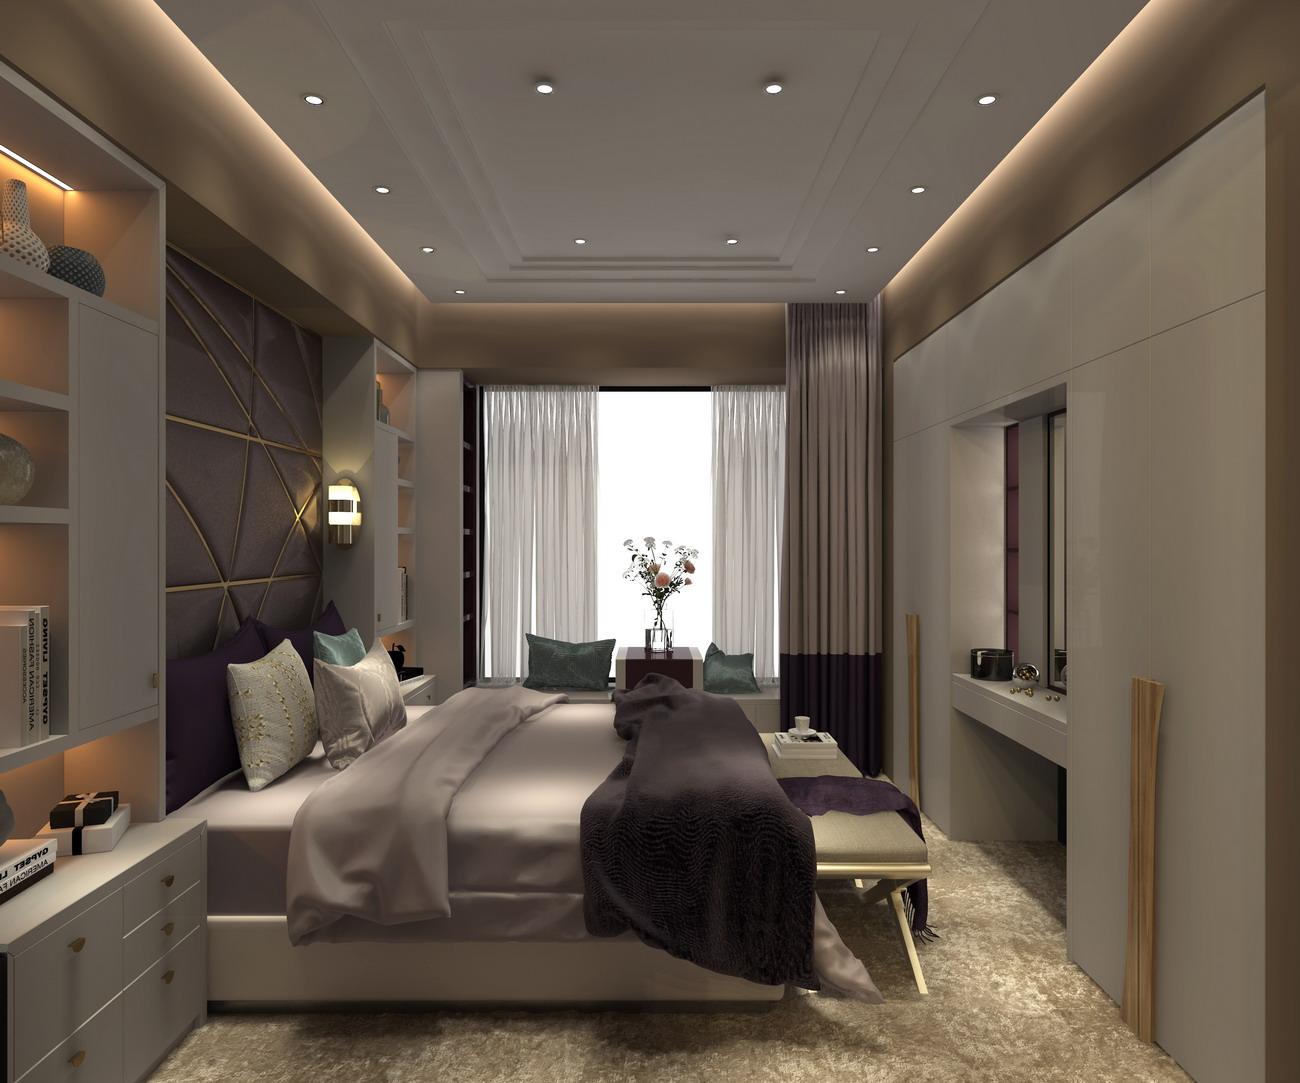 卡娜迪木门抓买点设计-高端木门店专卖店设计-卧室设计-整木定制产品开发设计-整木定制店面方案-